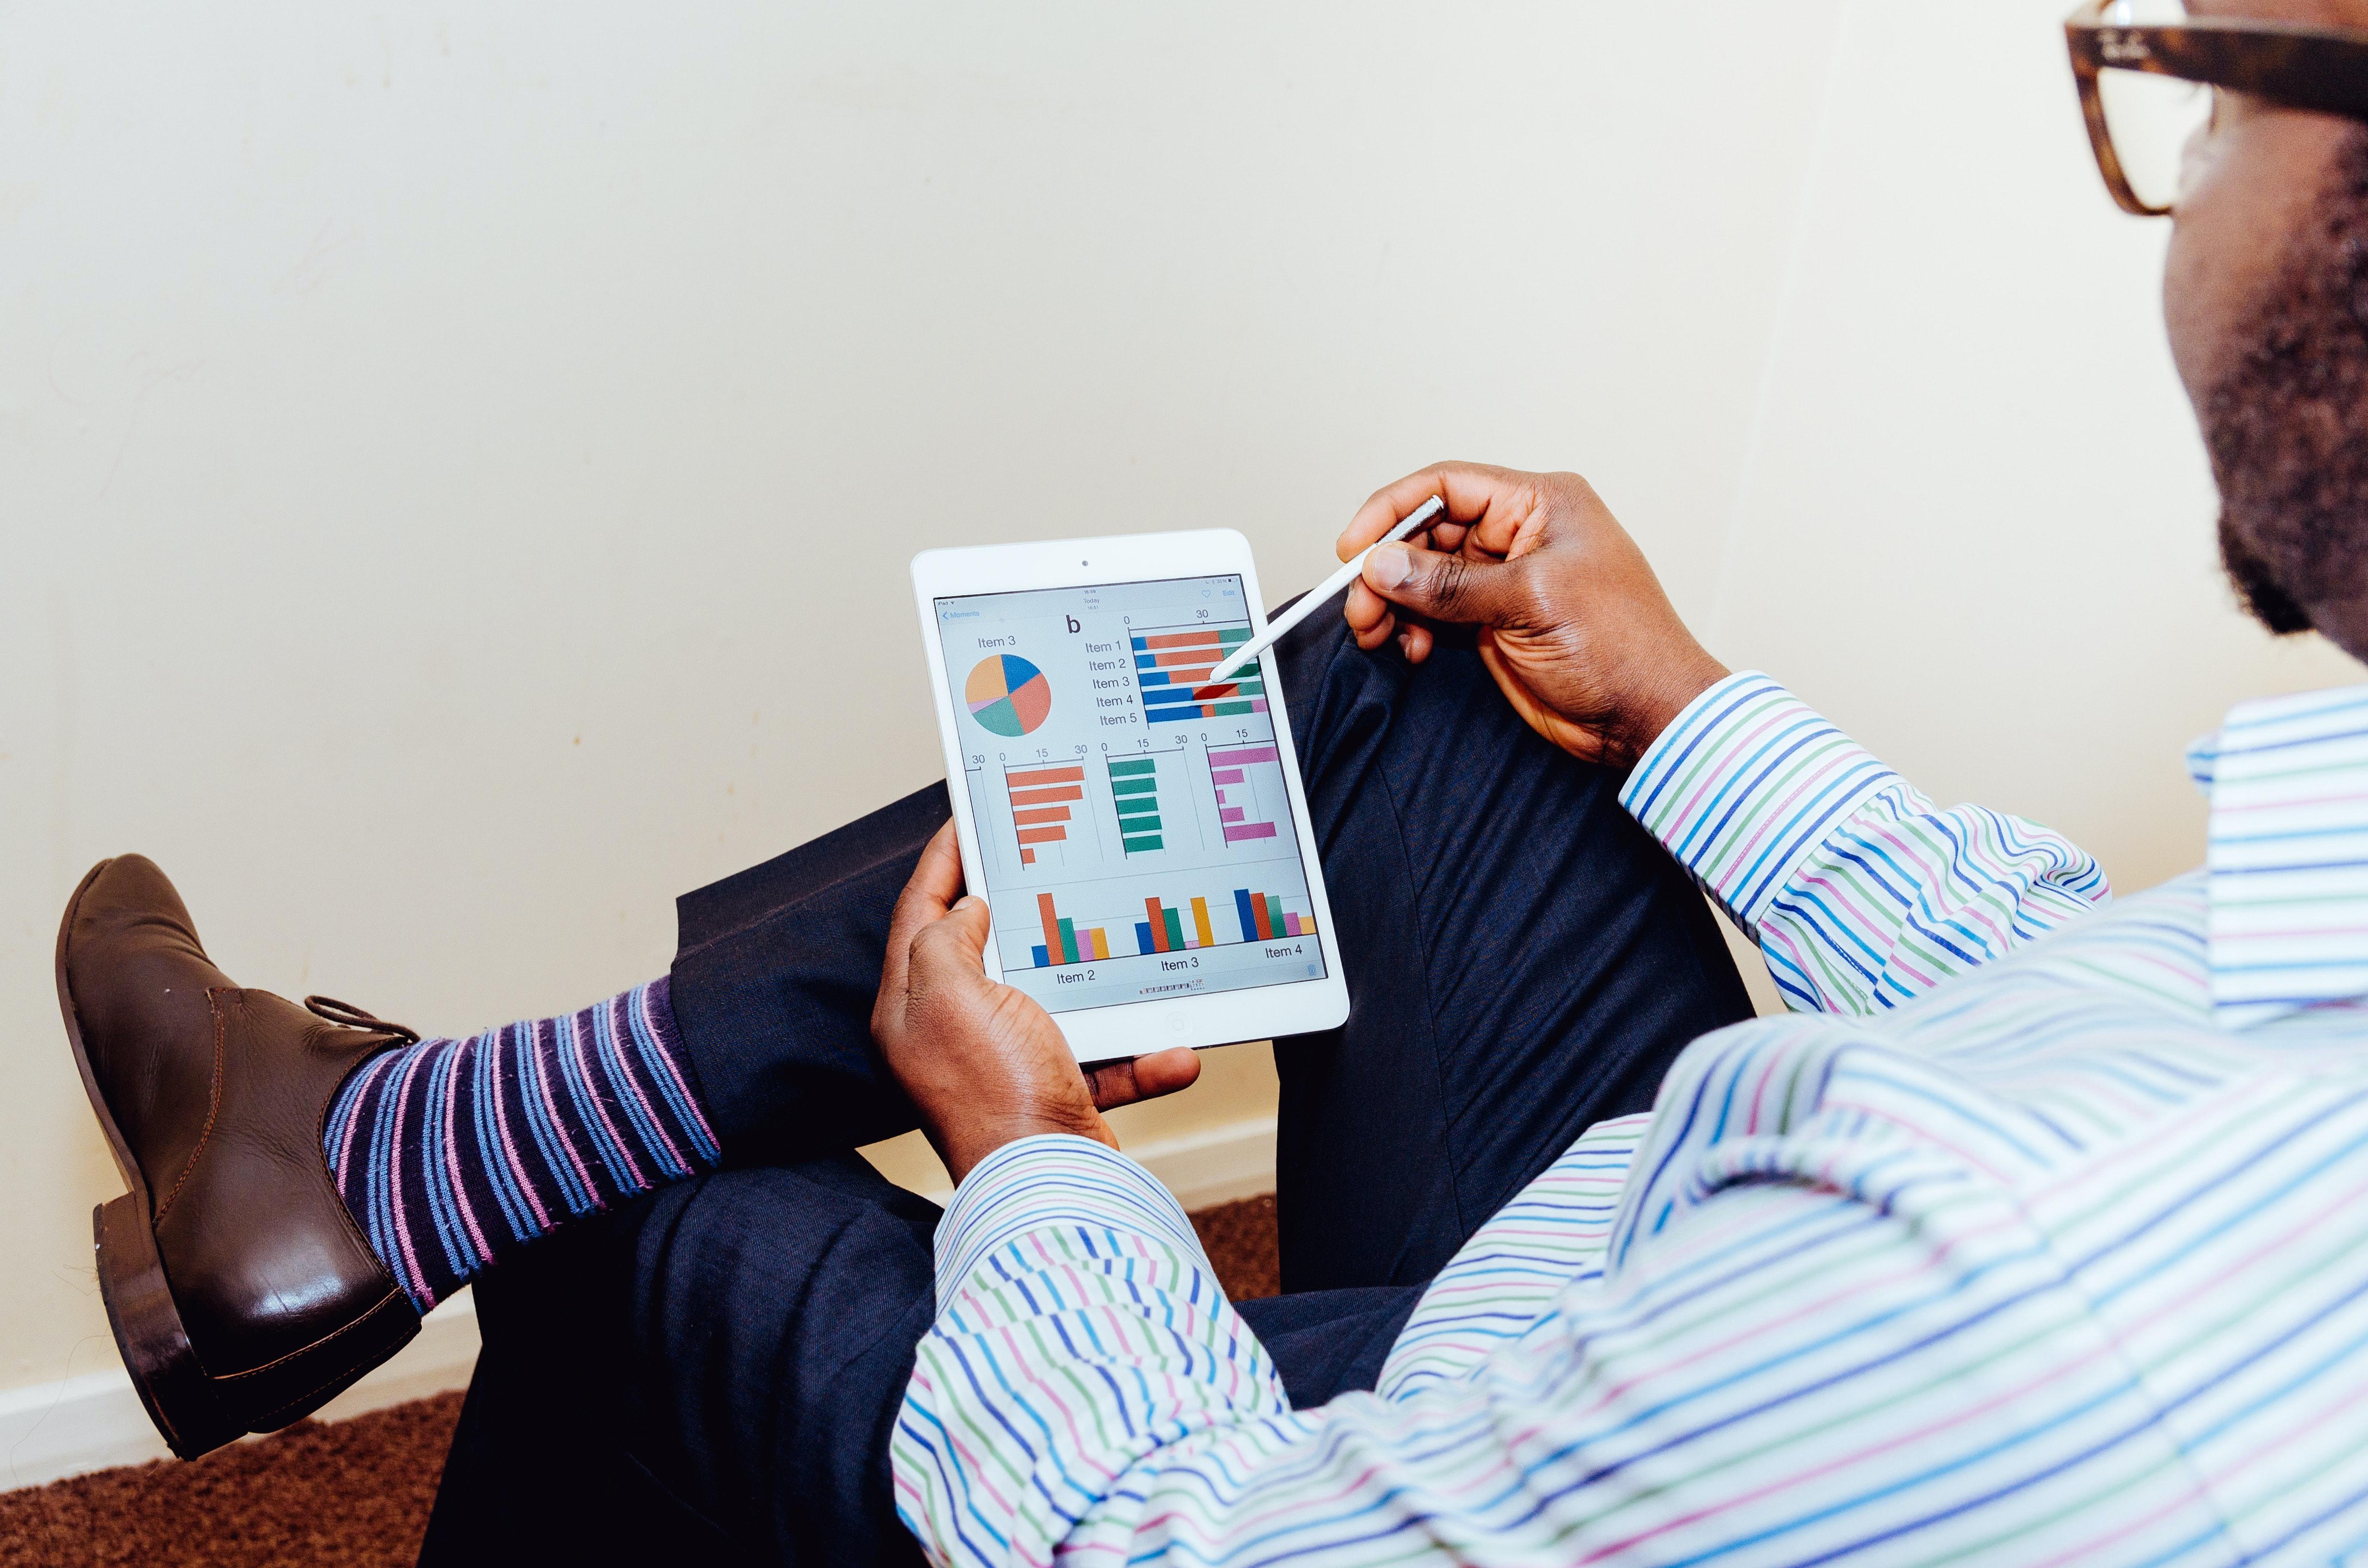 Je wilt graag in één oogopslag zien hoe je organisatie ervoor staat. Wat gaat goed in jouw organisatie en waar doen zich problemen voor? Een veelgebruikt instrument is een KPI-dashboard: een overzichtelijke presentatie van door het management vastgestelde KPI's (Kritische Prestatie Indicatoren). Met een nulmeting weet je precies waar jij snel waar je staat. En nog belangrijker: welke informatie heb je inzichtelijk en welke informatie ontbreekt er. De BI Scan biedt je de oplossing voor dit vraagstuk.